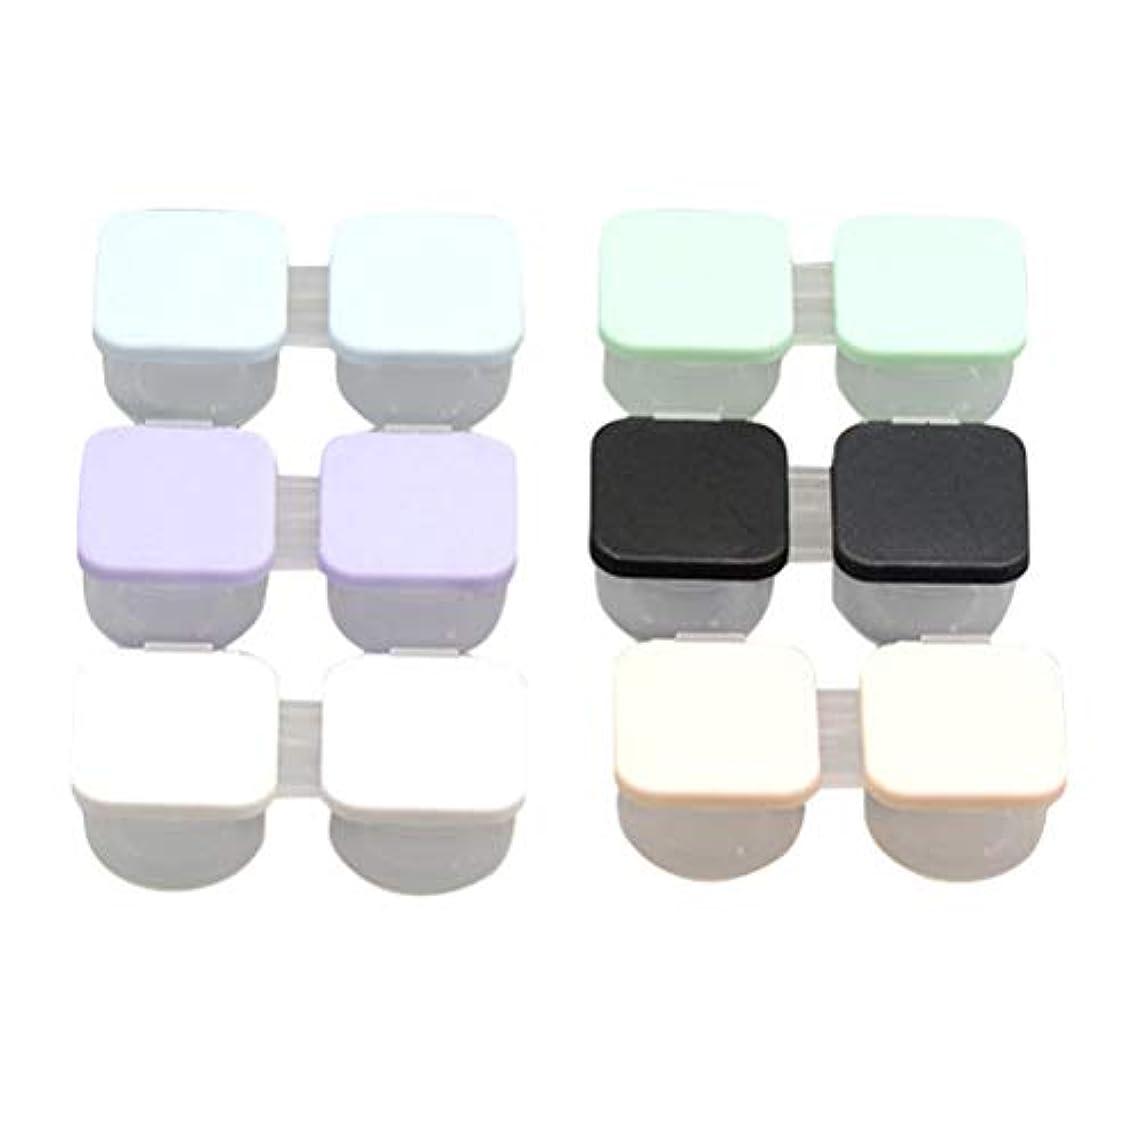 既婚メモ刻むHealifty 6Pcs / Setポータブルコンタクトレンズケースダブルボックスコンタクトレンズ容器携帯用コンタクトレンズホルダー